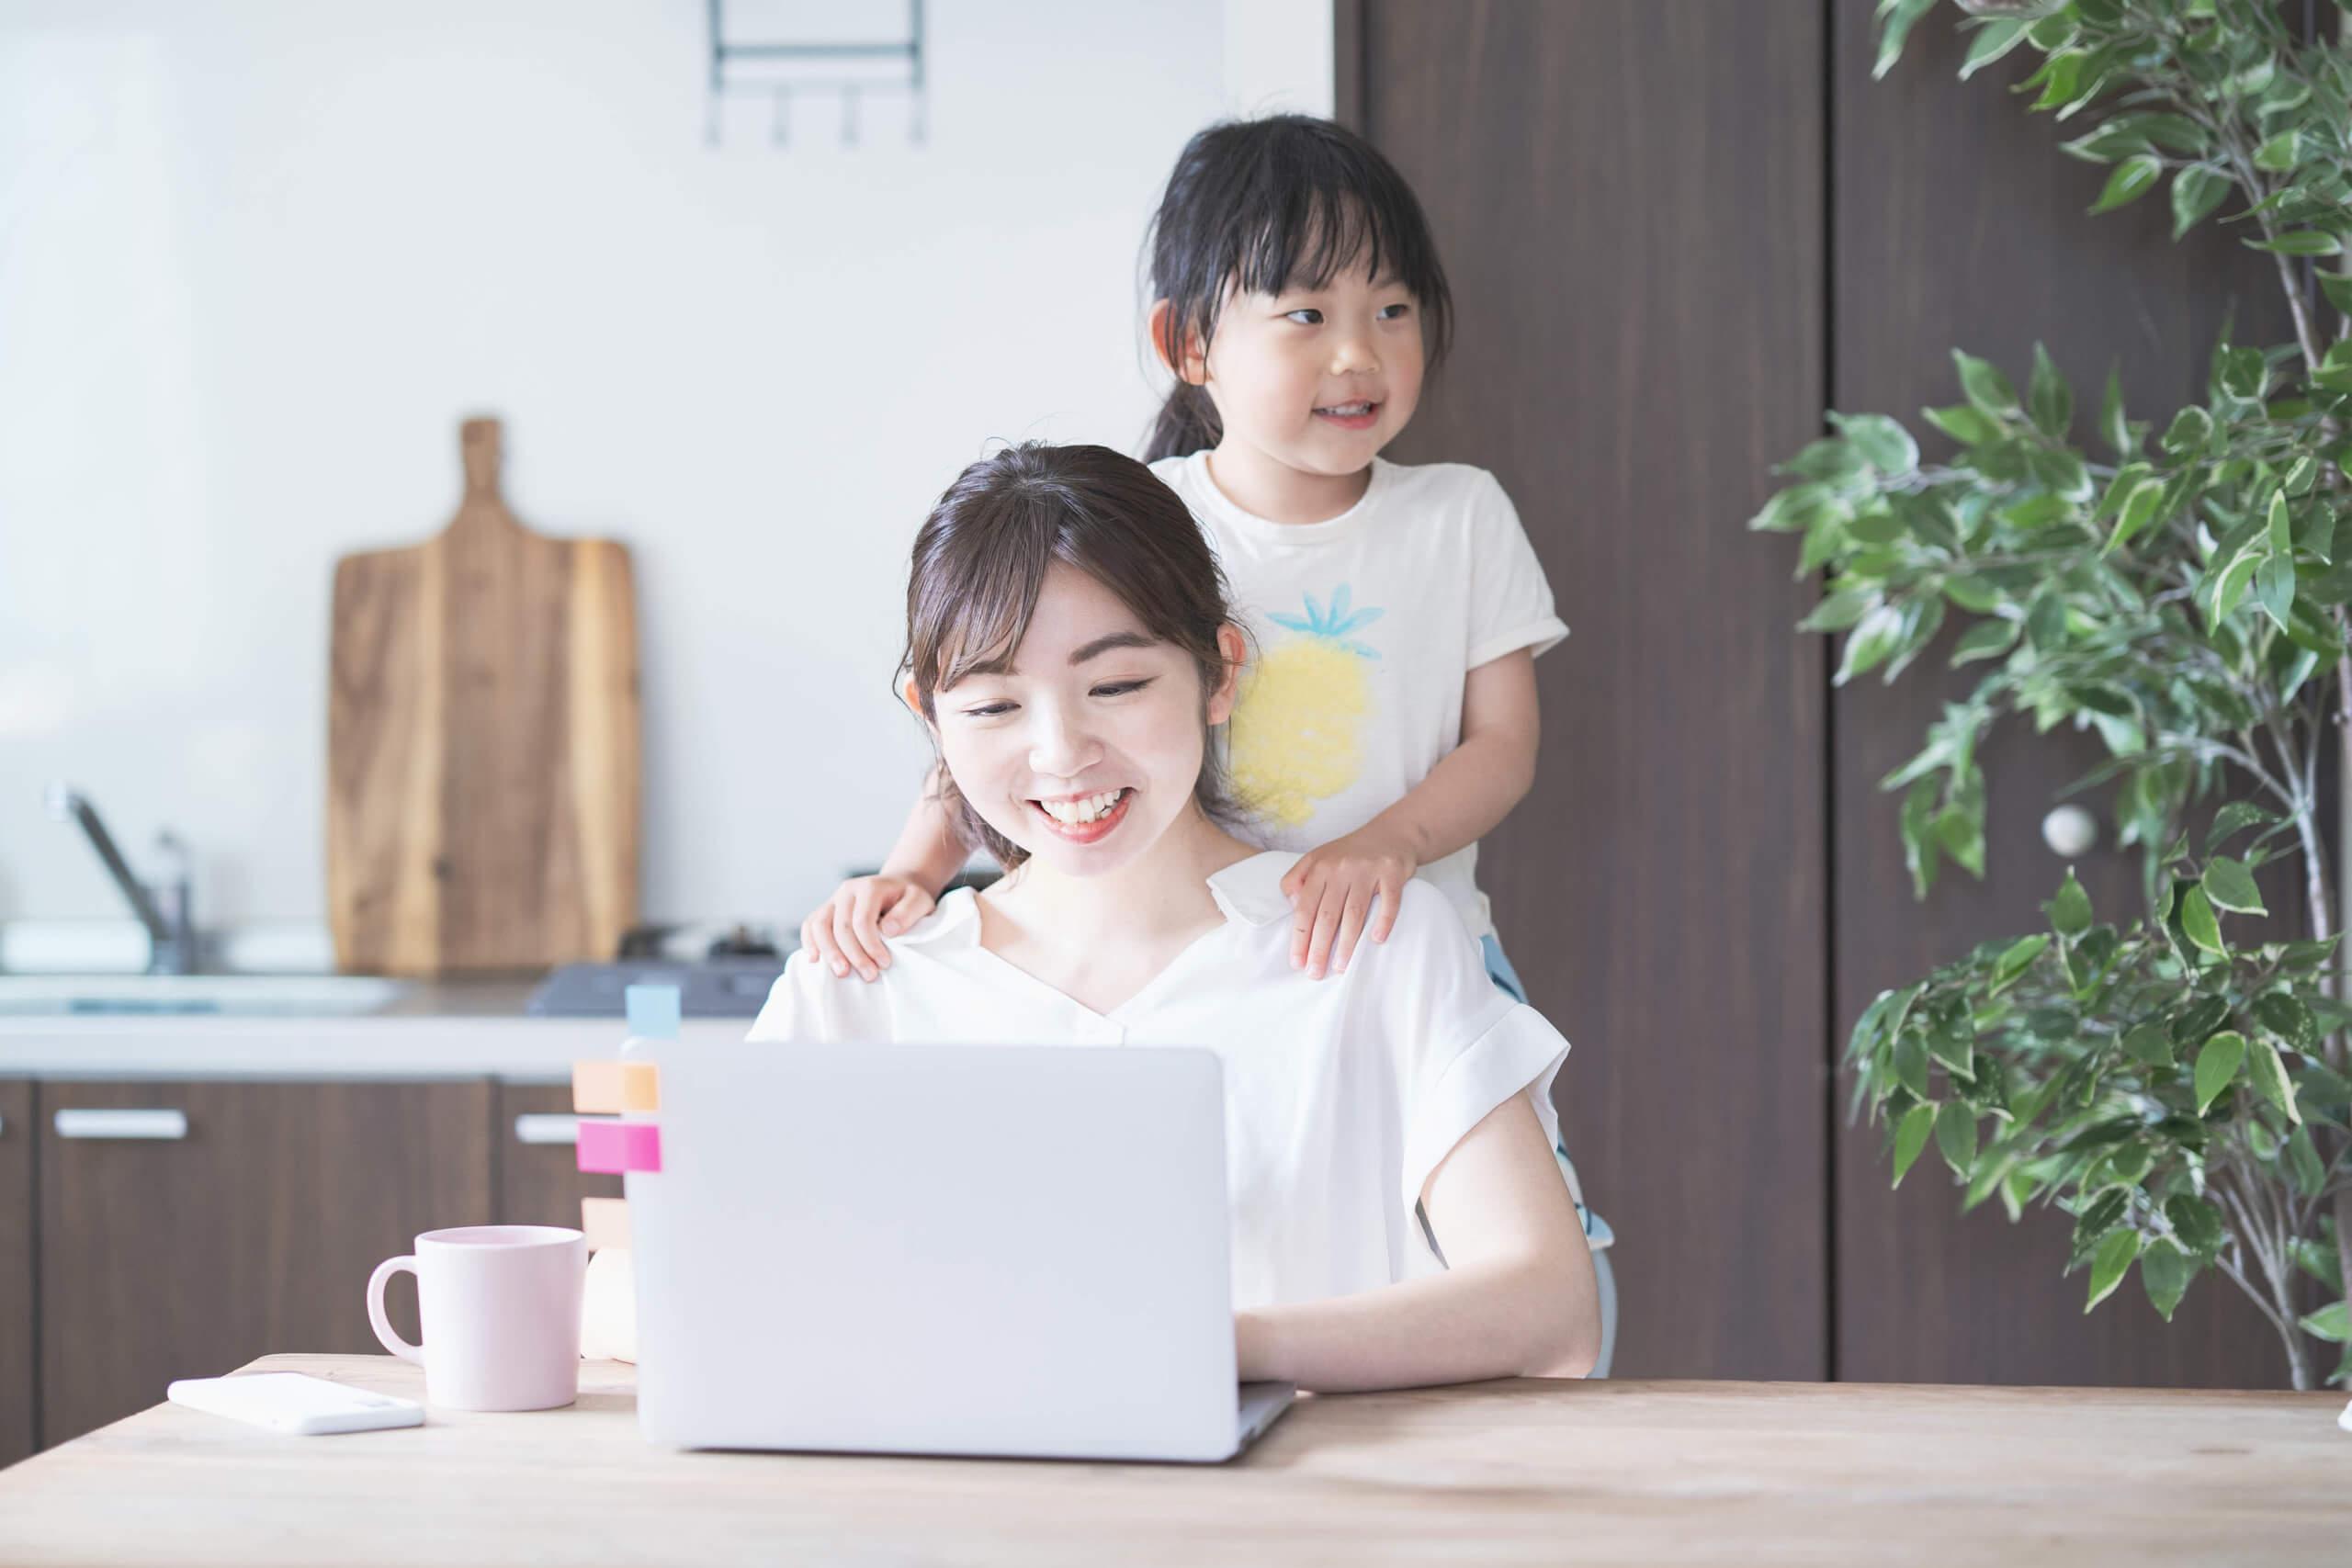 子供と遊びながらテレワークをする女性